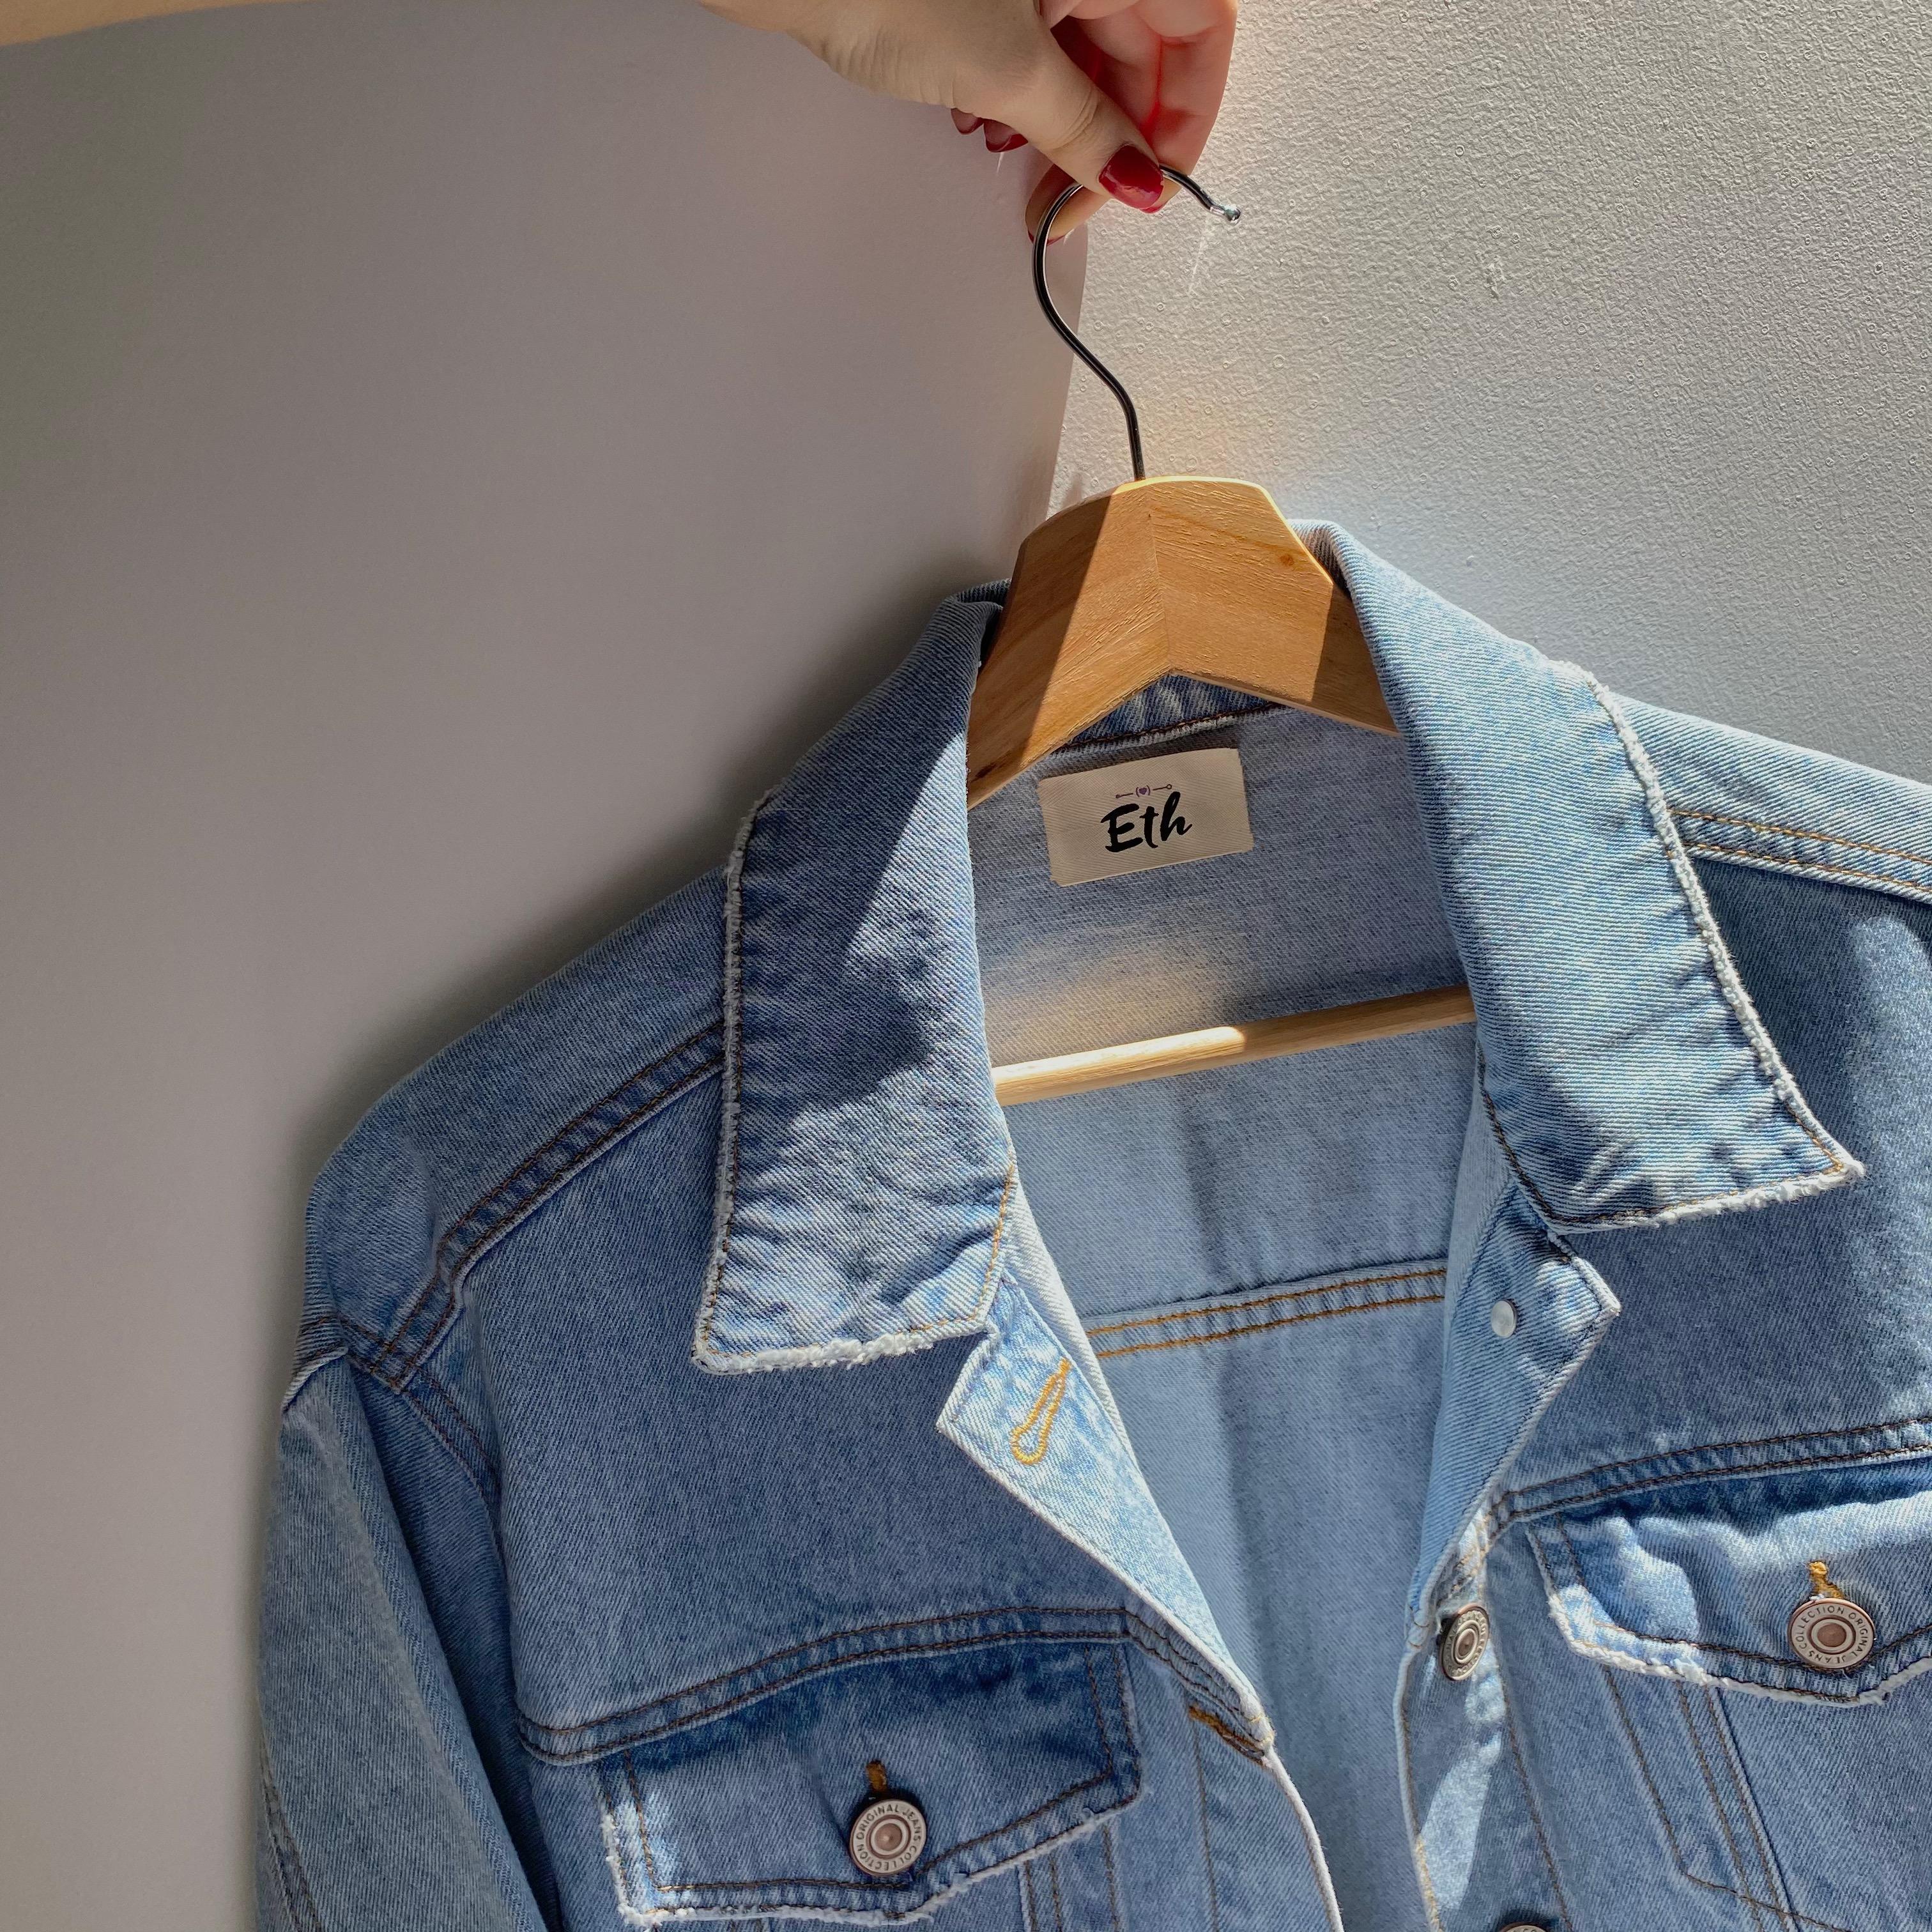 Hermanos peruanos crean ETH: Marca de ropa para mujeres